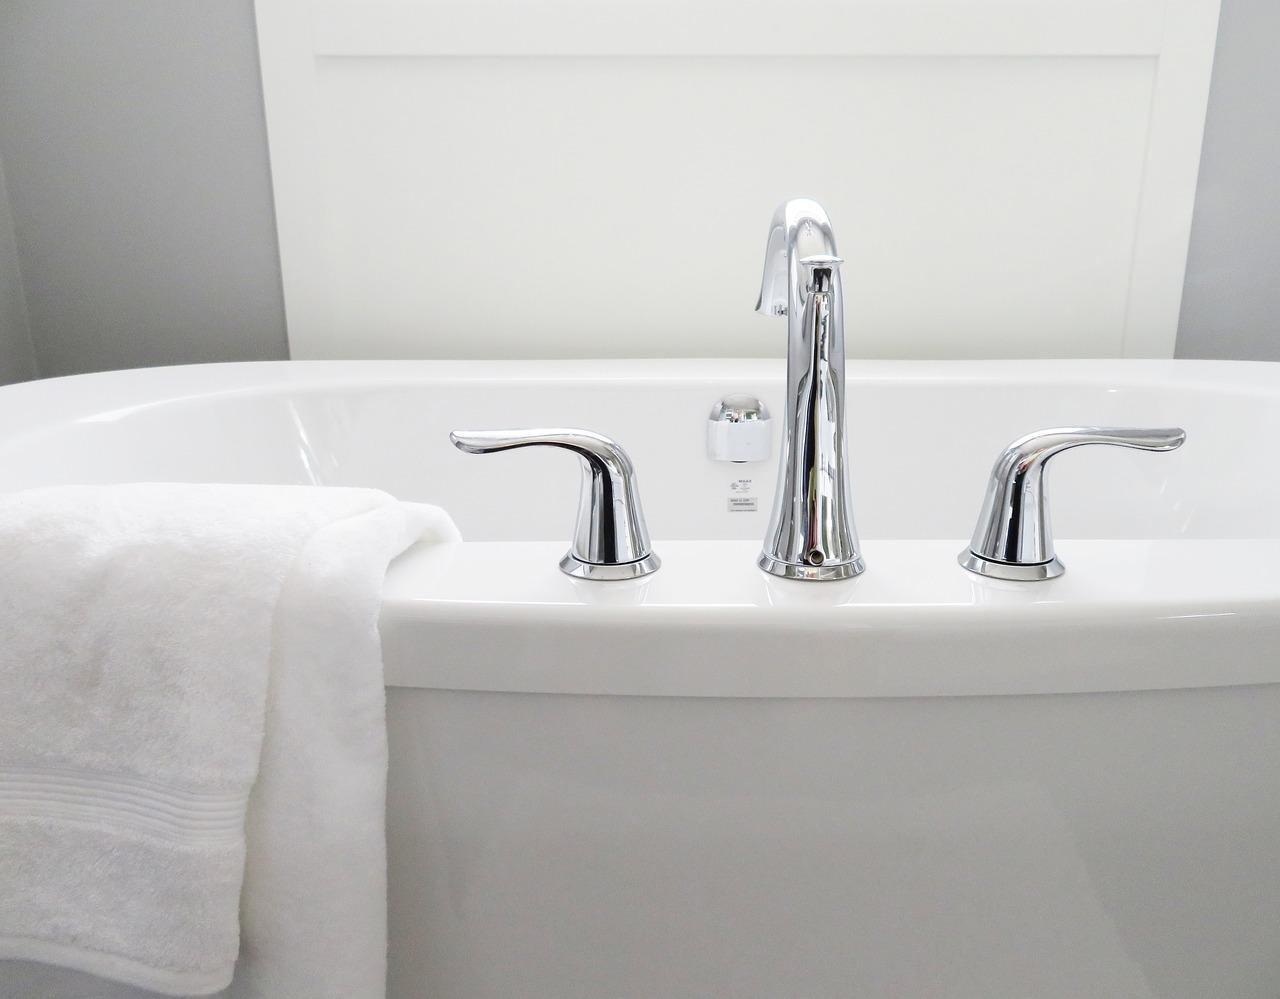 日本ユニセフ協会「世界トイレの日プロジェクト」とは?